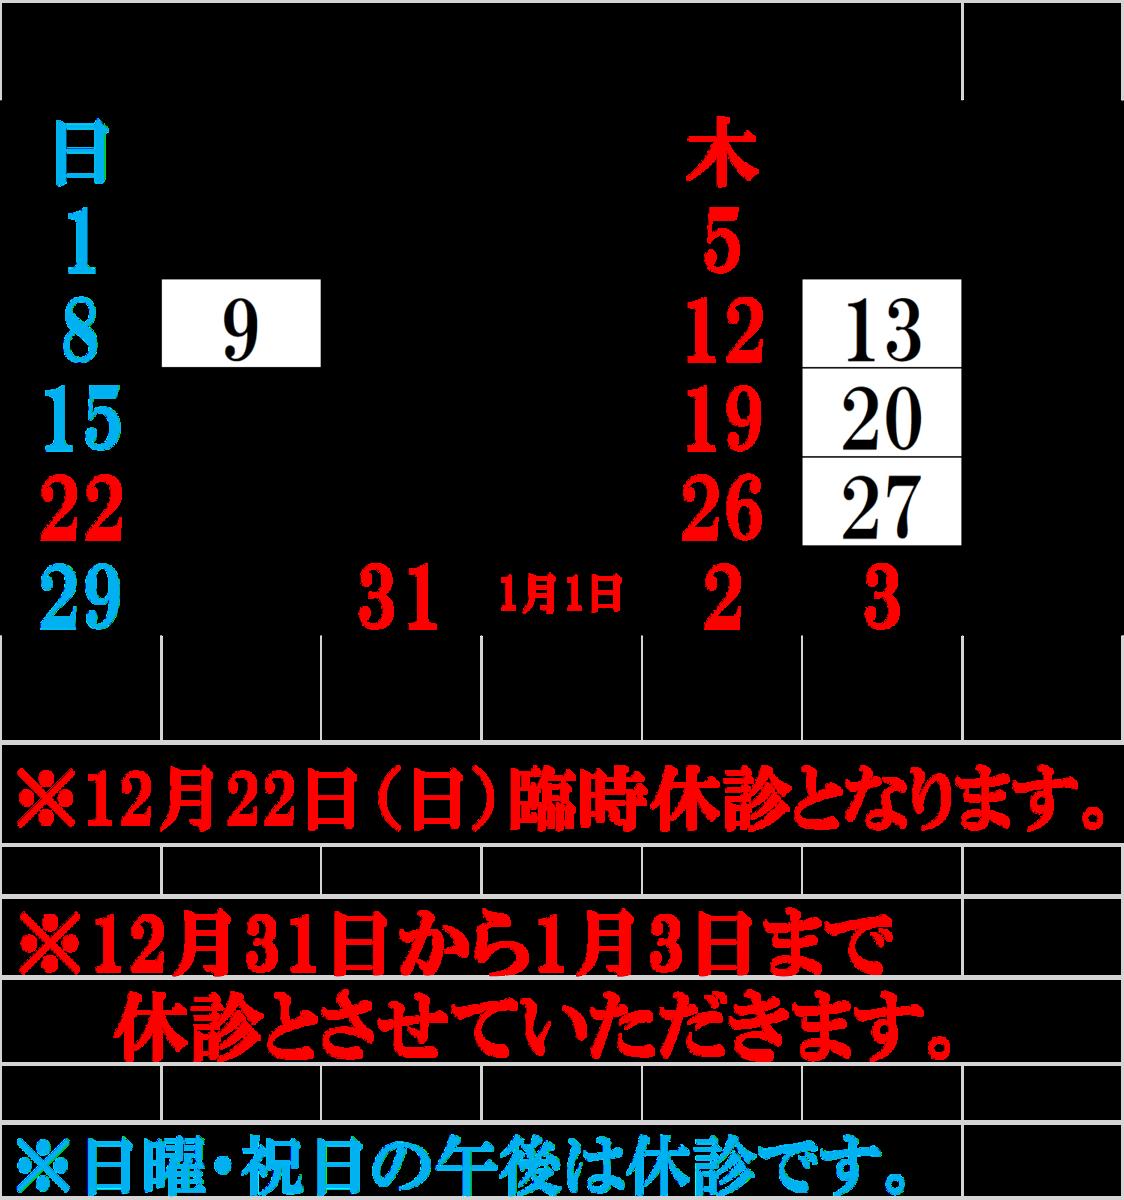 f:id:kinase_ah:20191130104402p:plain